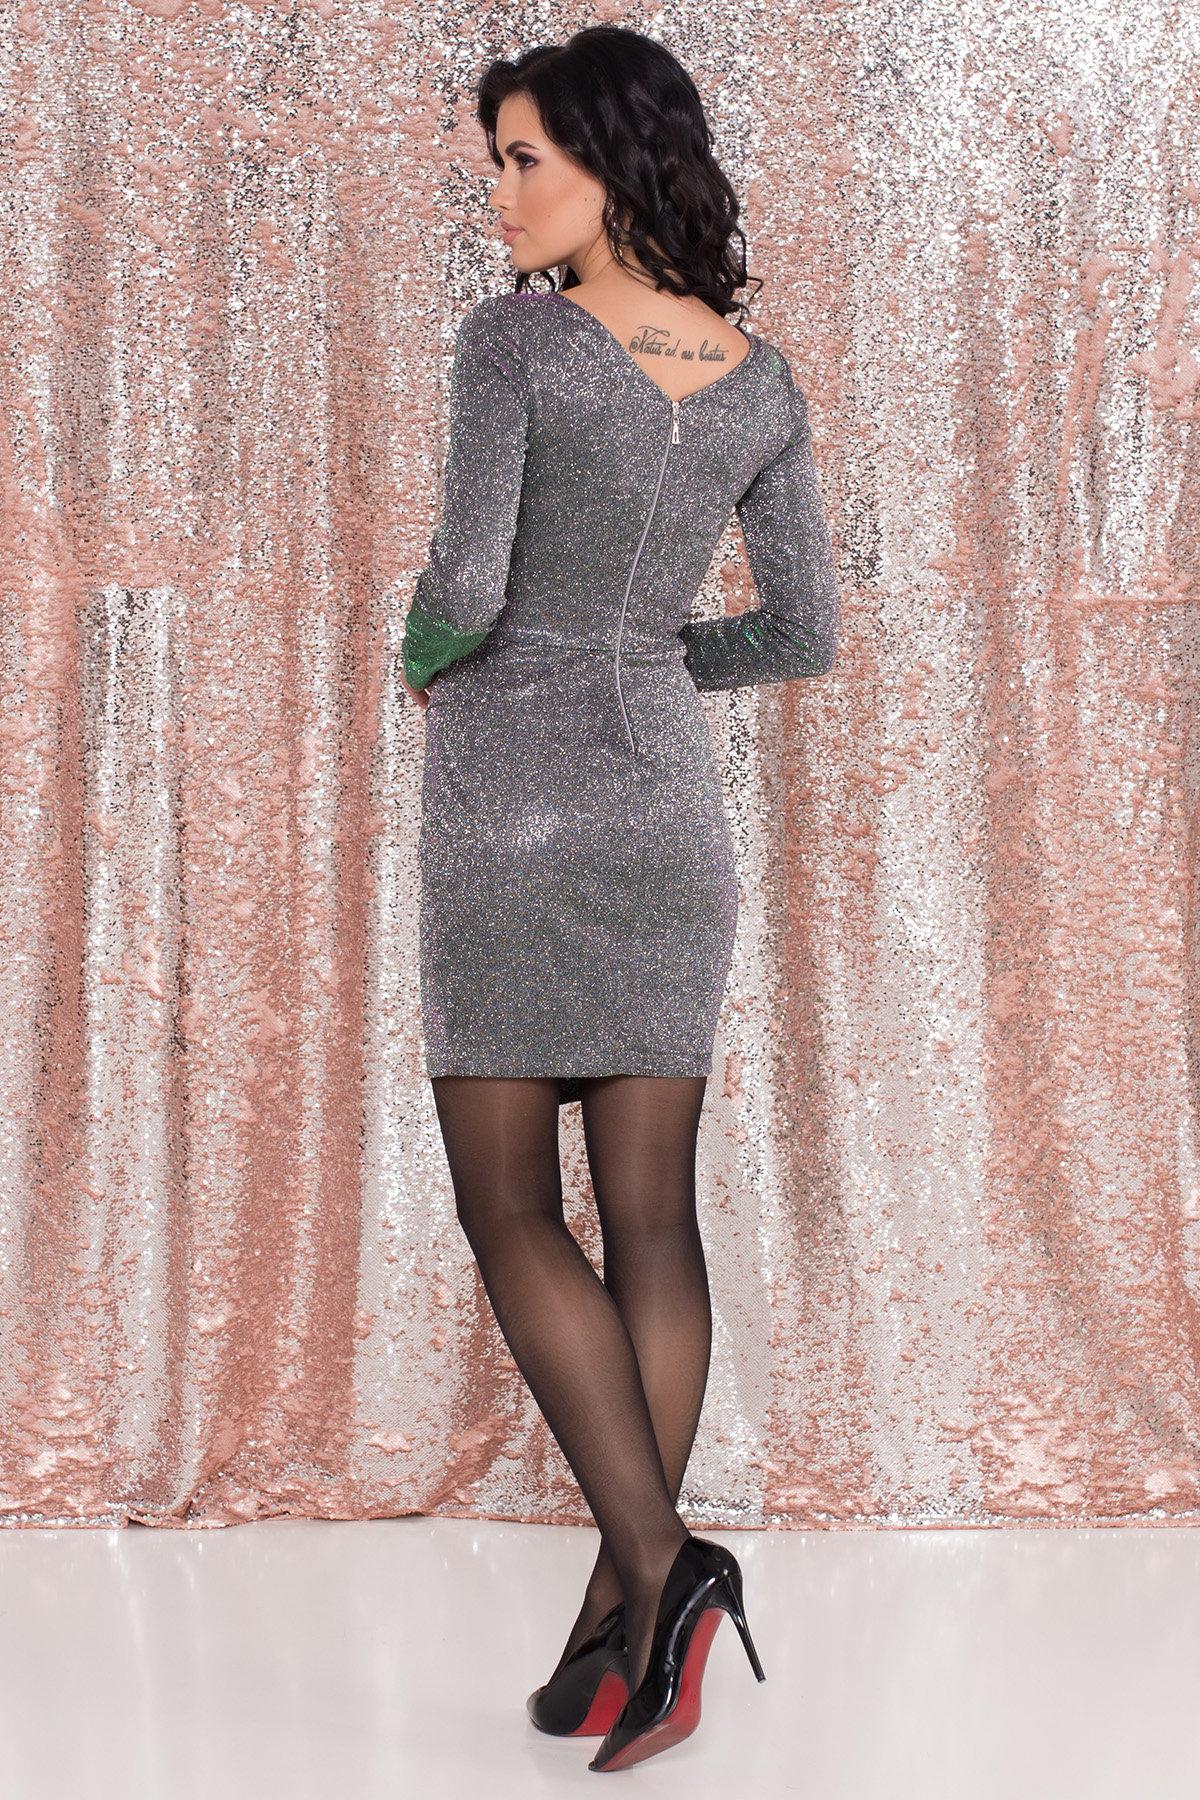 Коктейльное платье Кристал 8346 АРТ. 44902 Цвет: Серебро/изумруд/розовый - фото 4, интернет магазин tm-modus.ru